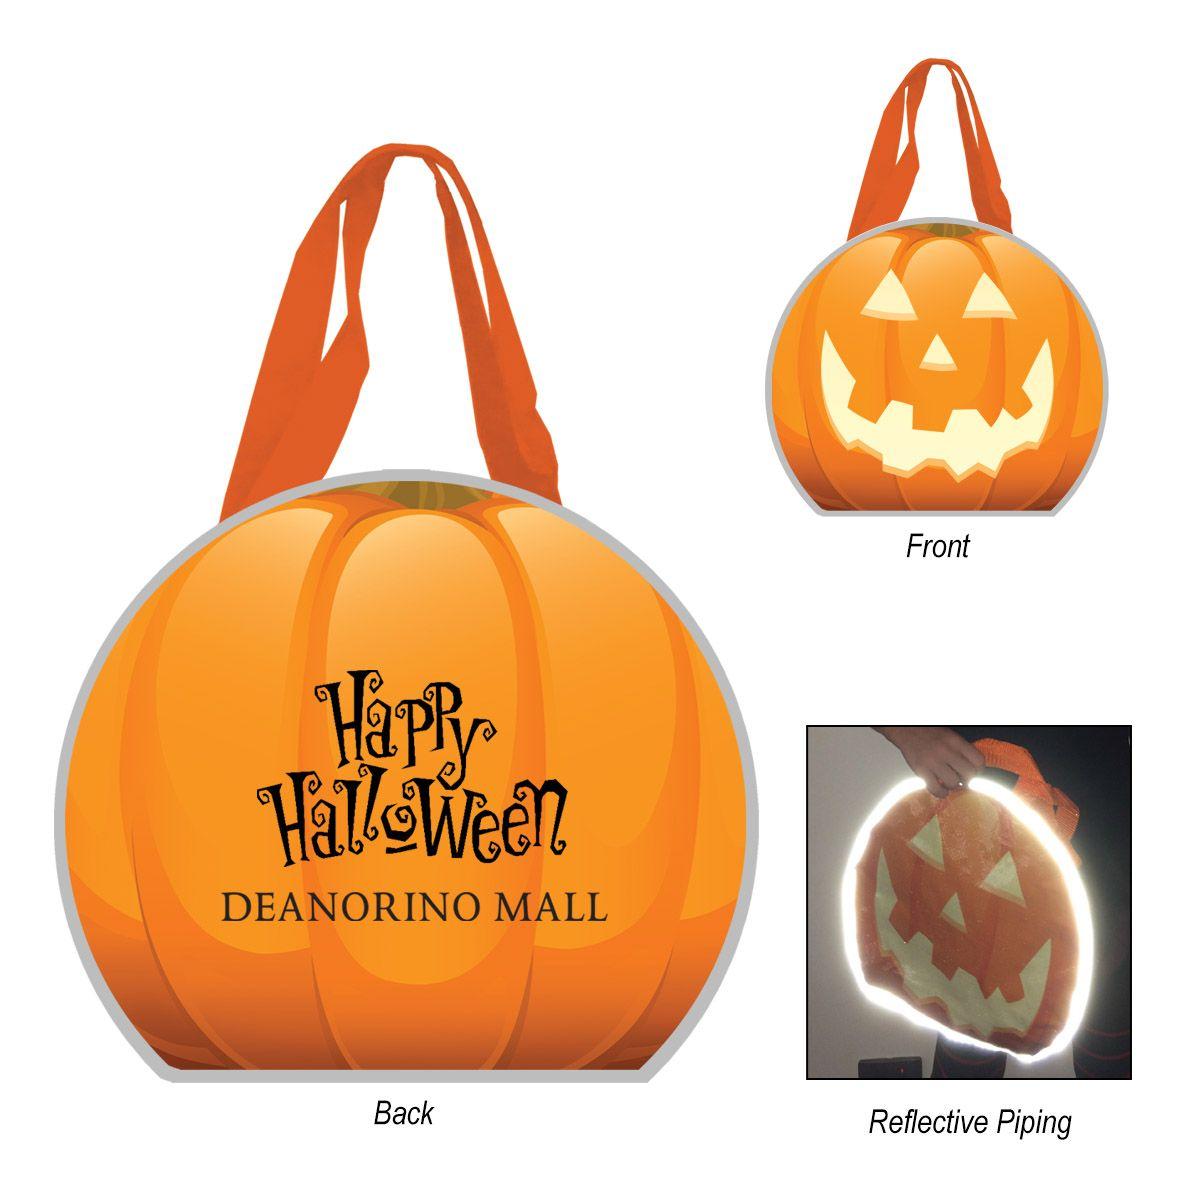 reflective halloween pumpkin non-woven tote bag